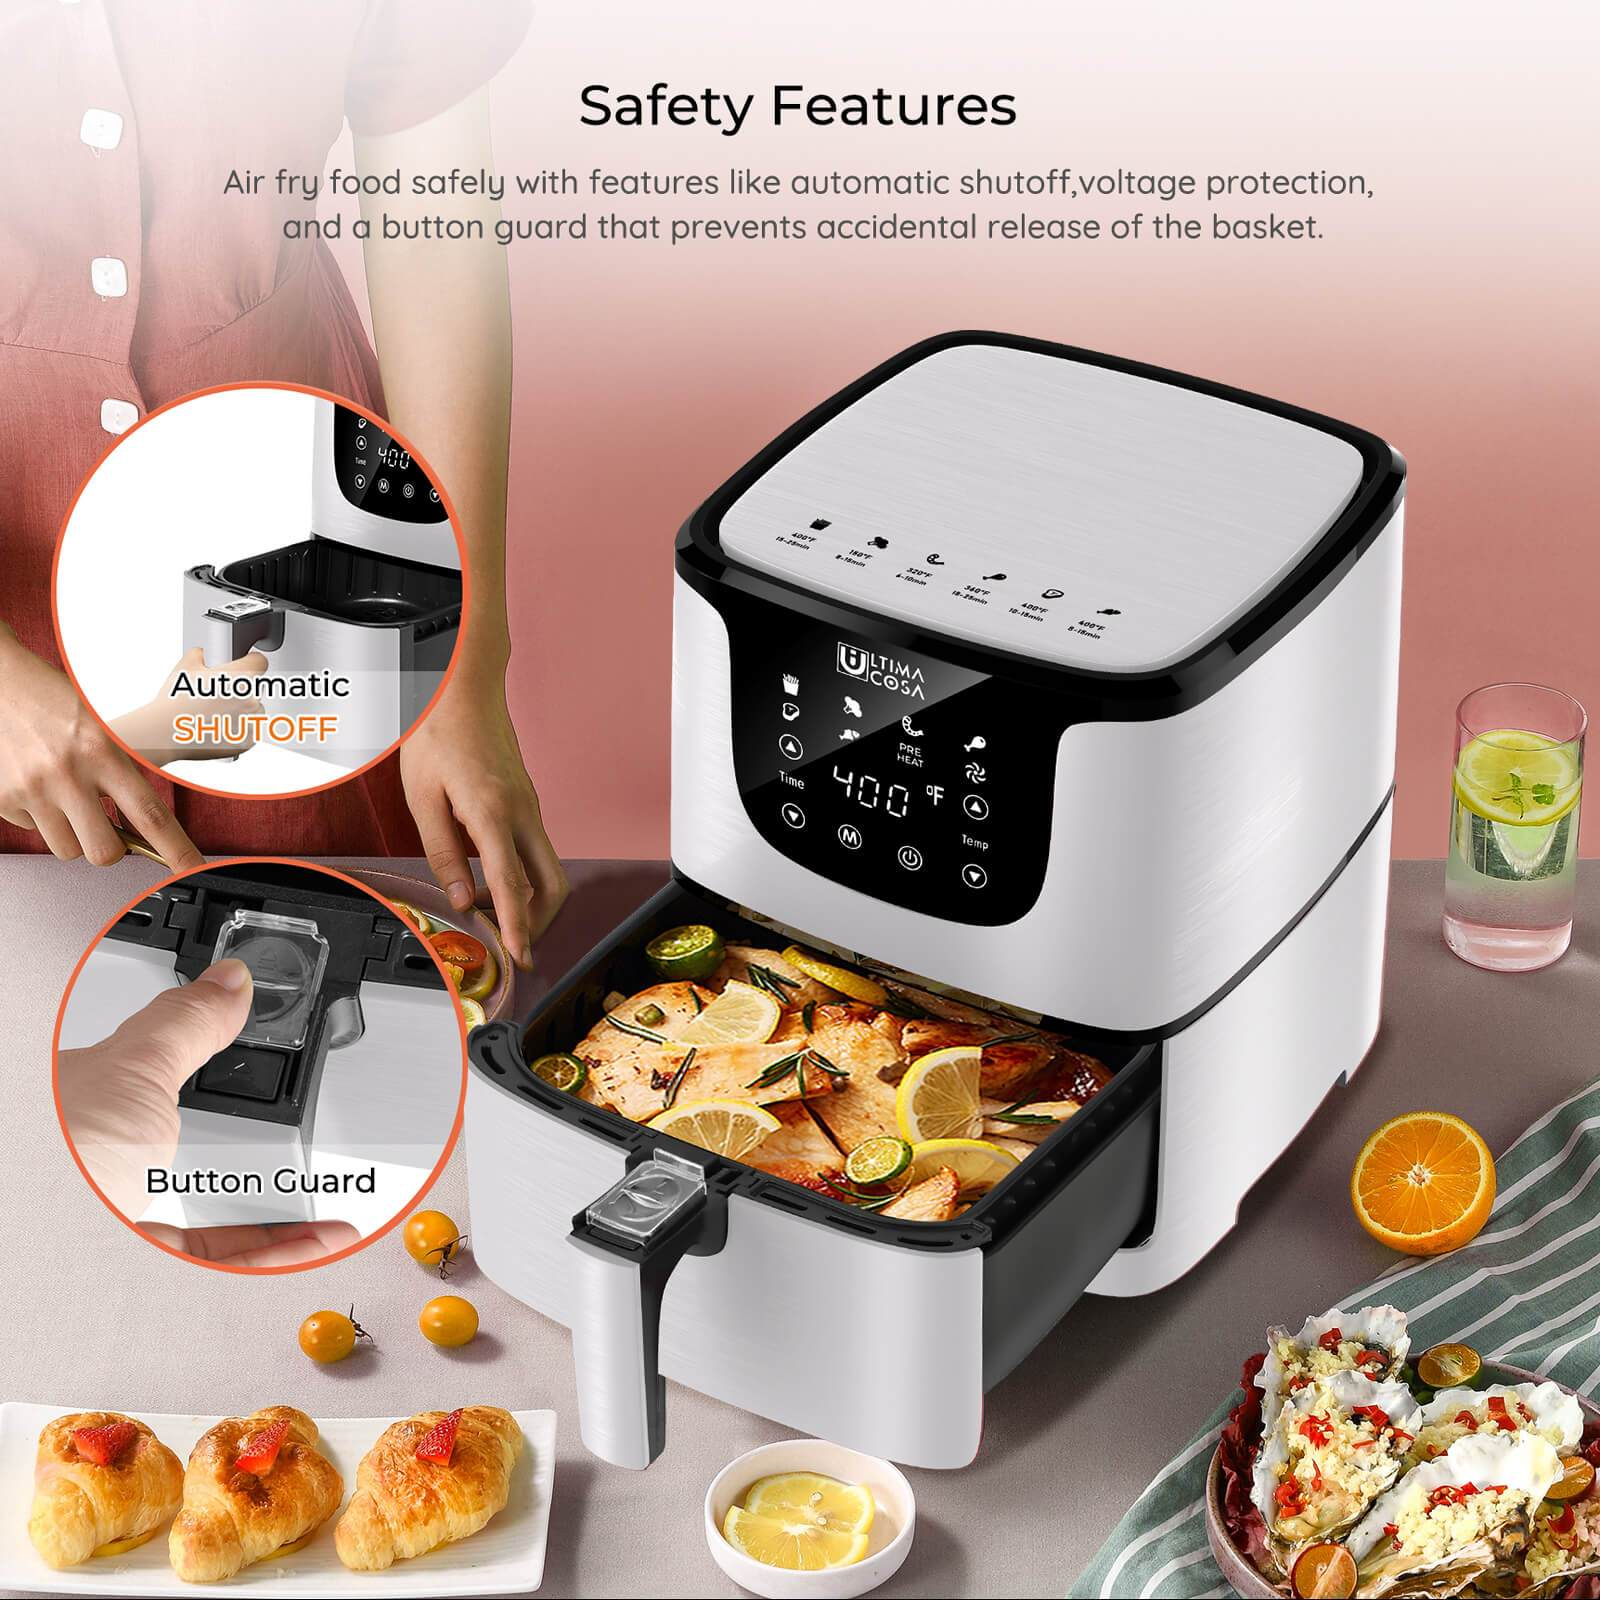 Product_奇妙_Ultima Cosa Presto Luxe Plus Air Fryer 5L (White)